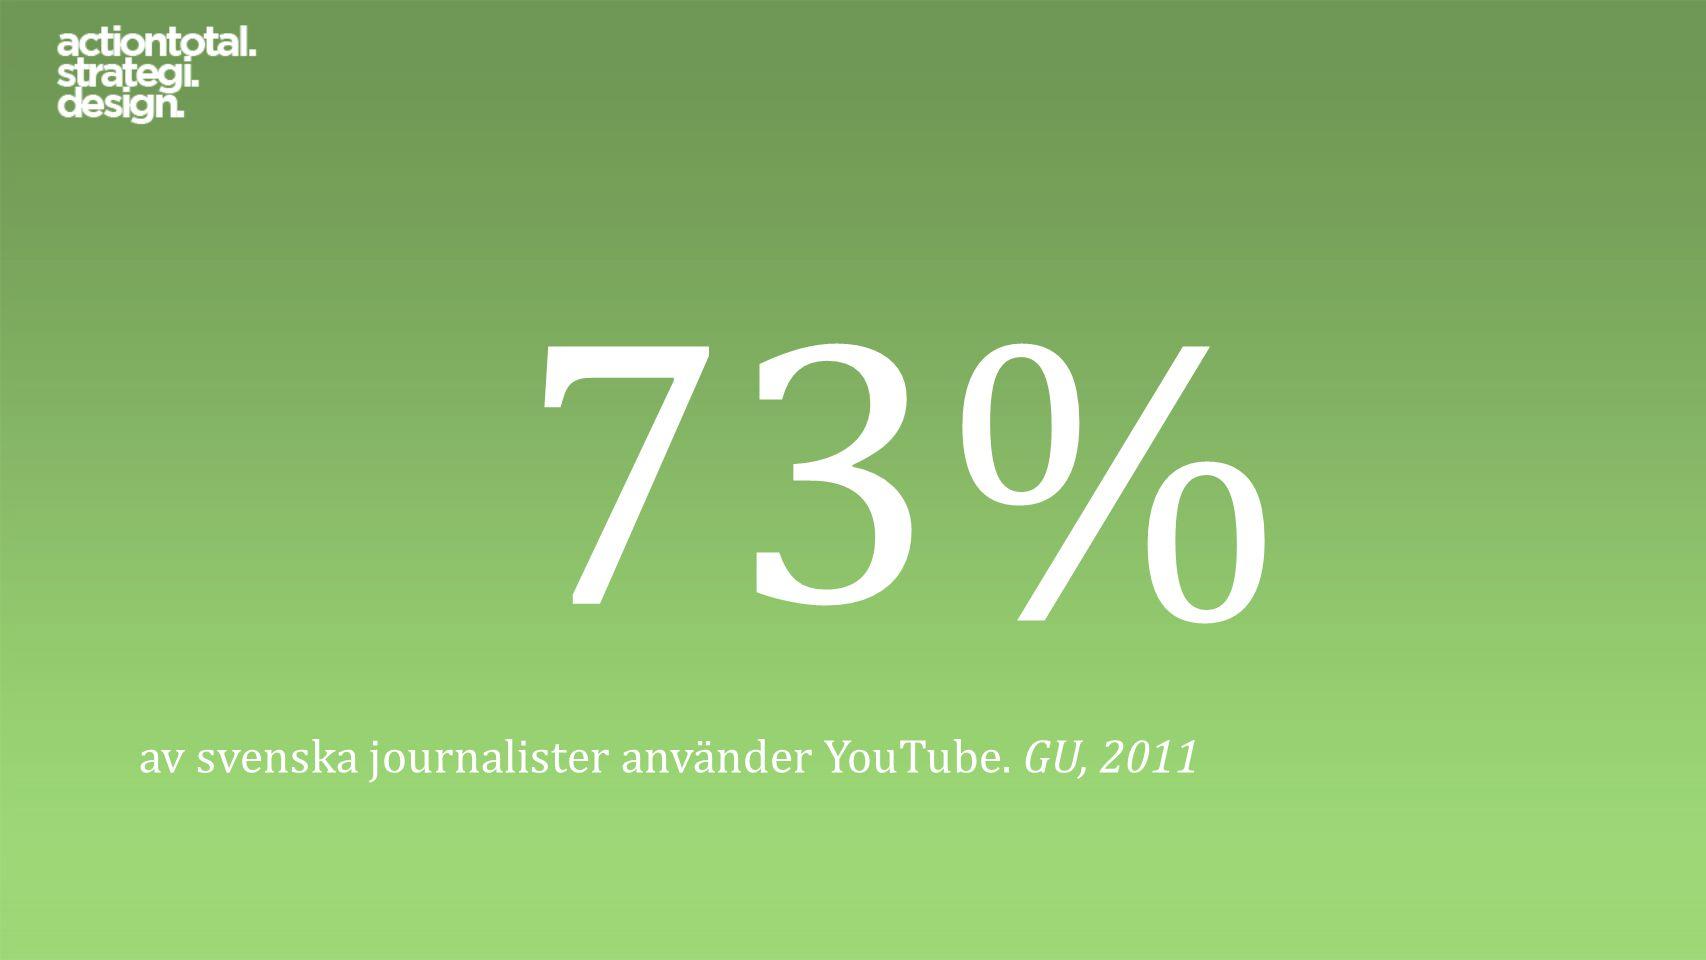 73% av svenska journalister använder YouTube. GU, 2011